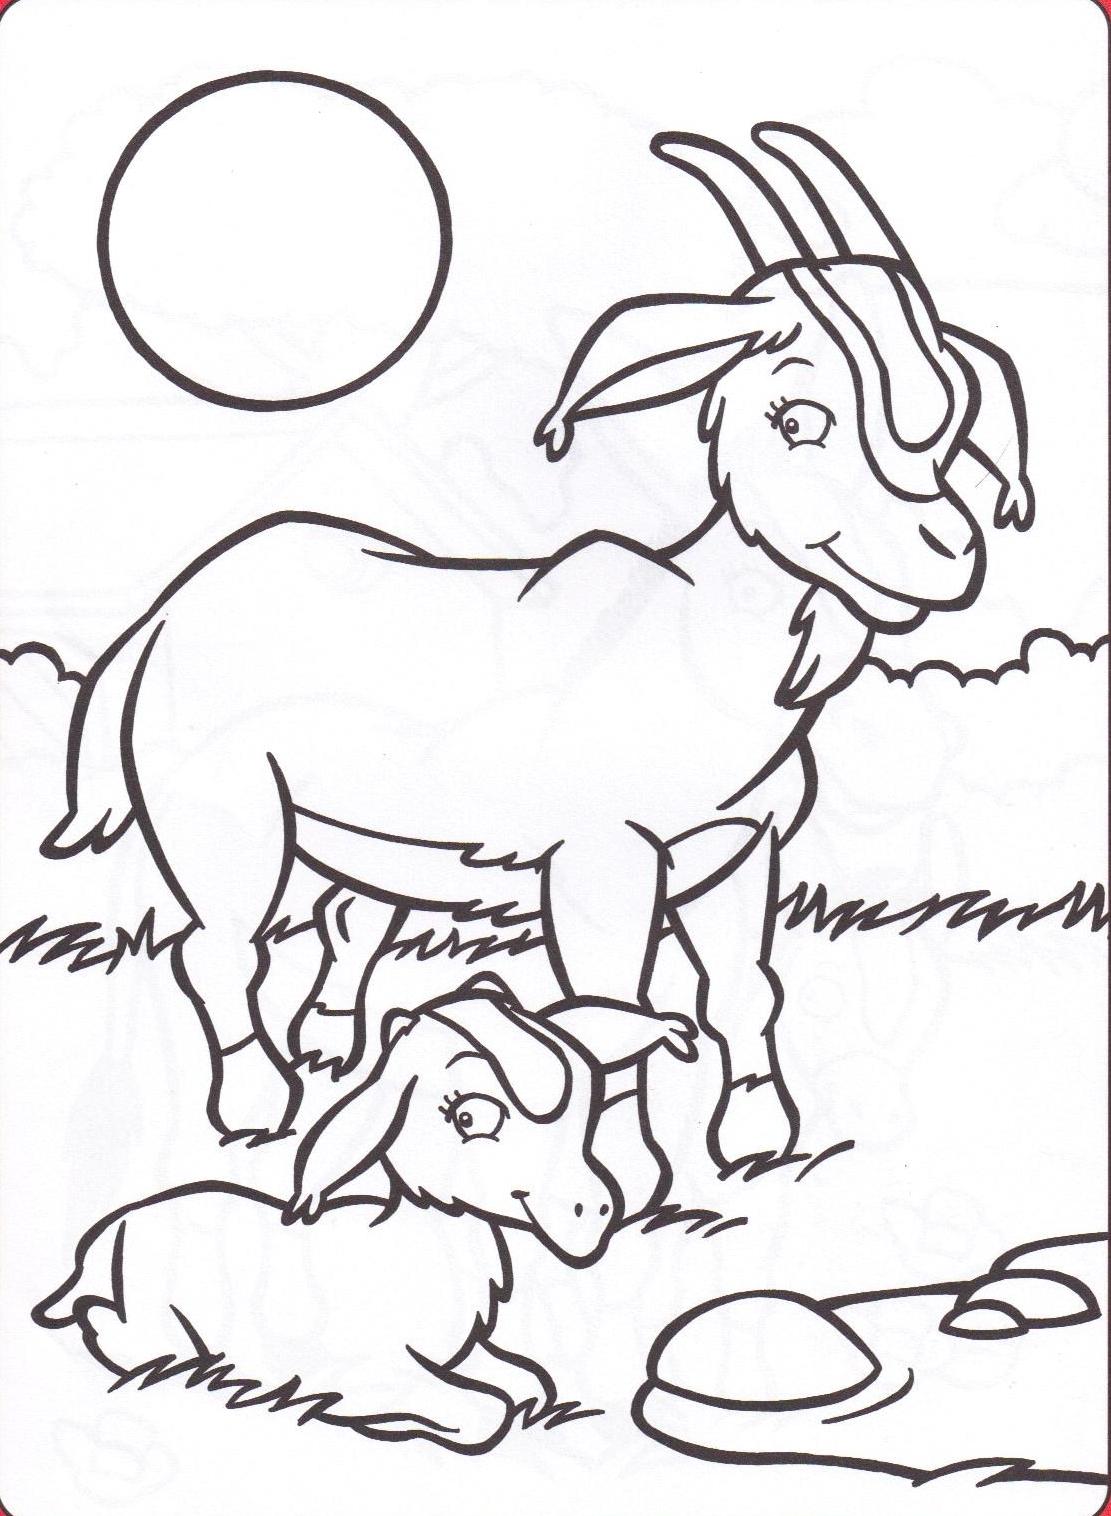 coloriage a dessiner a imprimer gratuit chevre